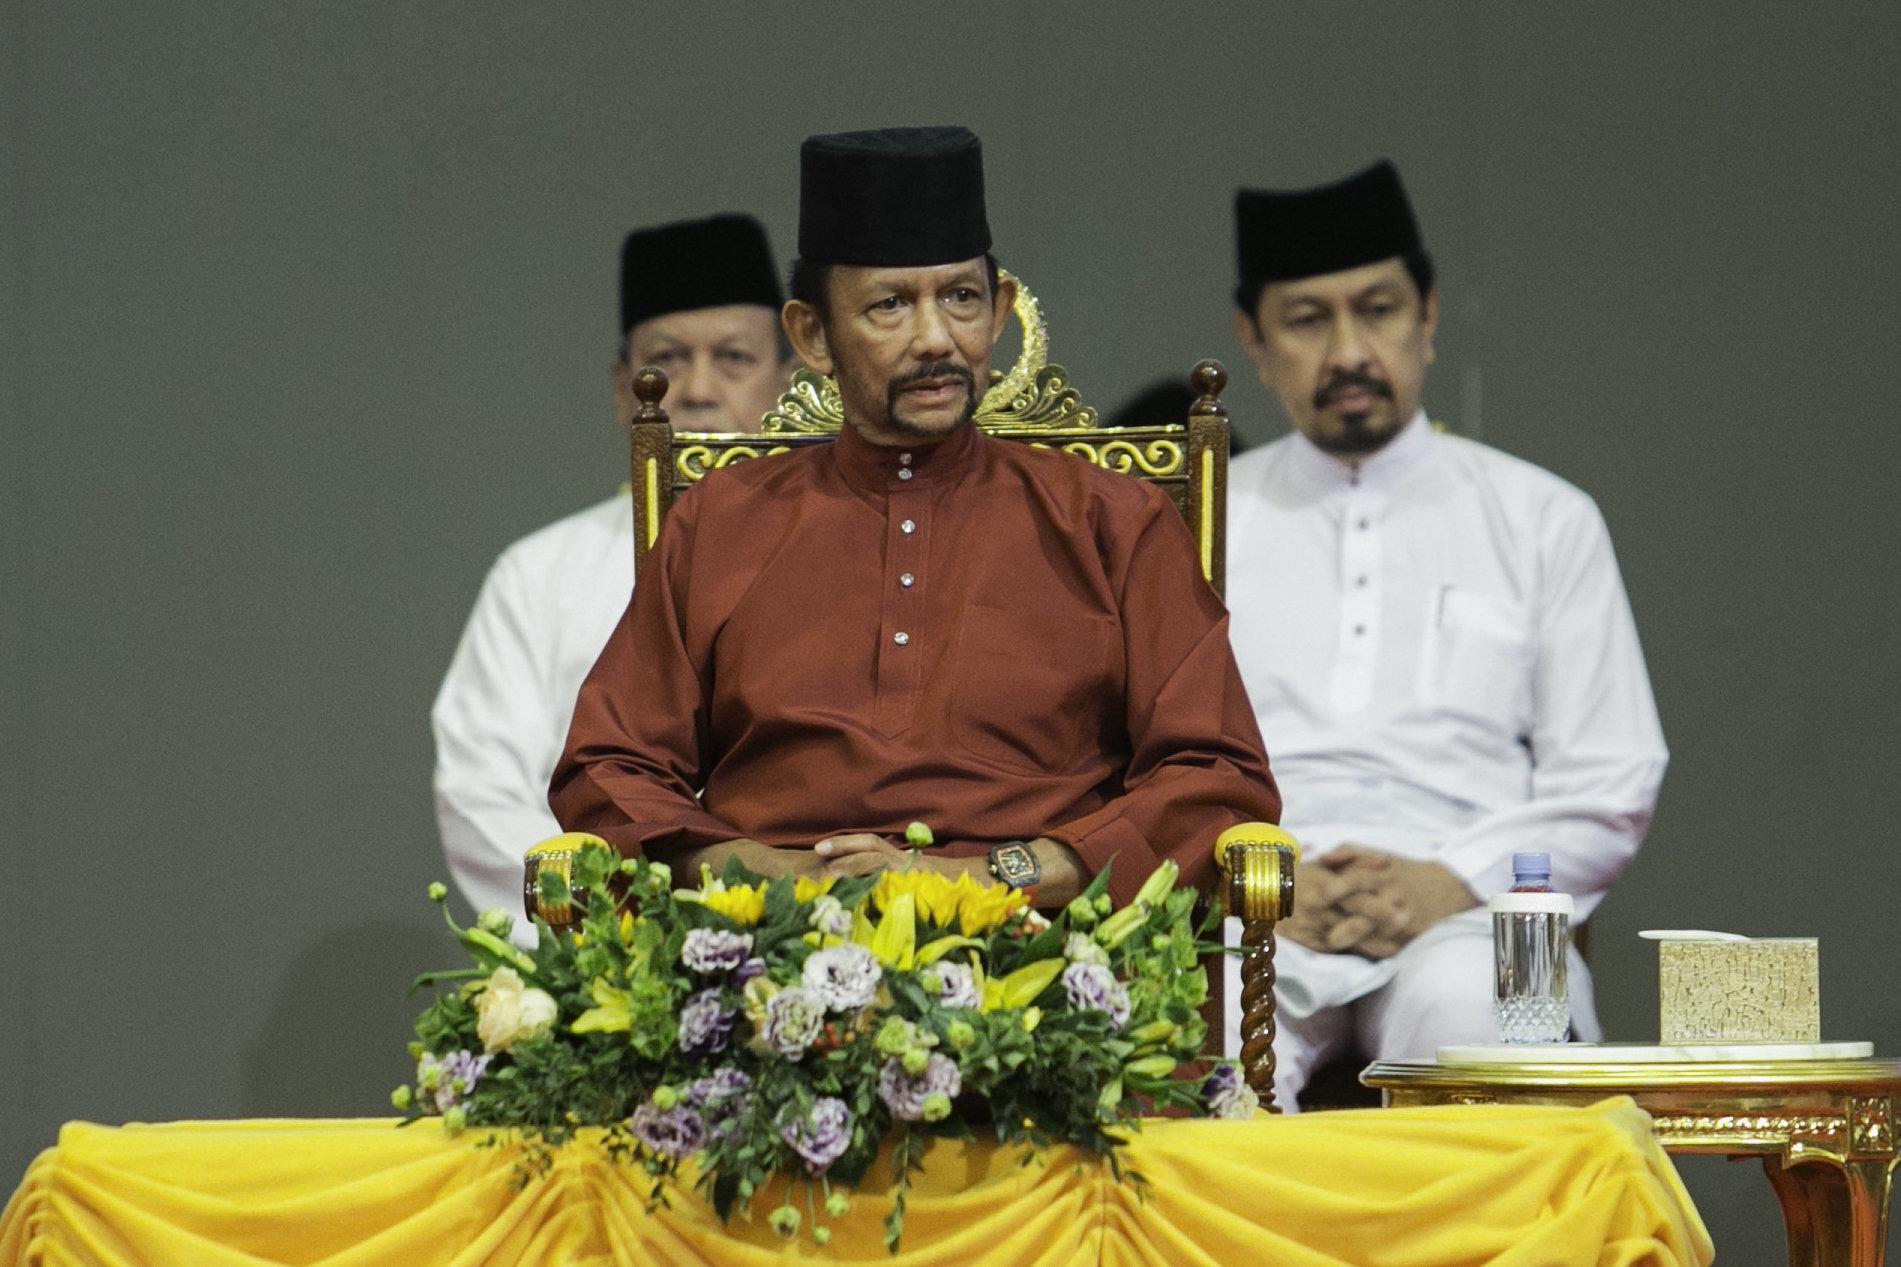 Pourquoi le sultan de Brunei veut renforcer son image auprès des plus